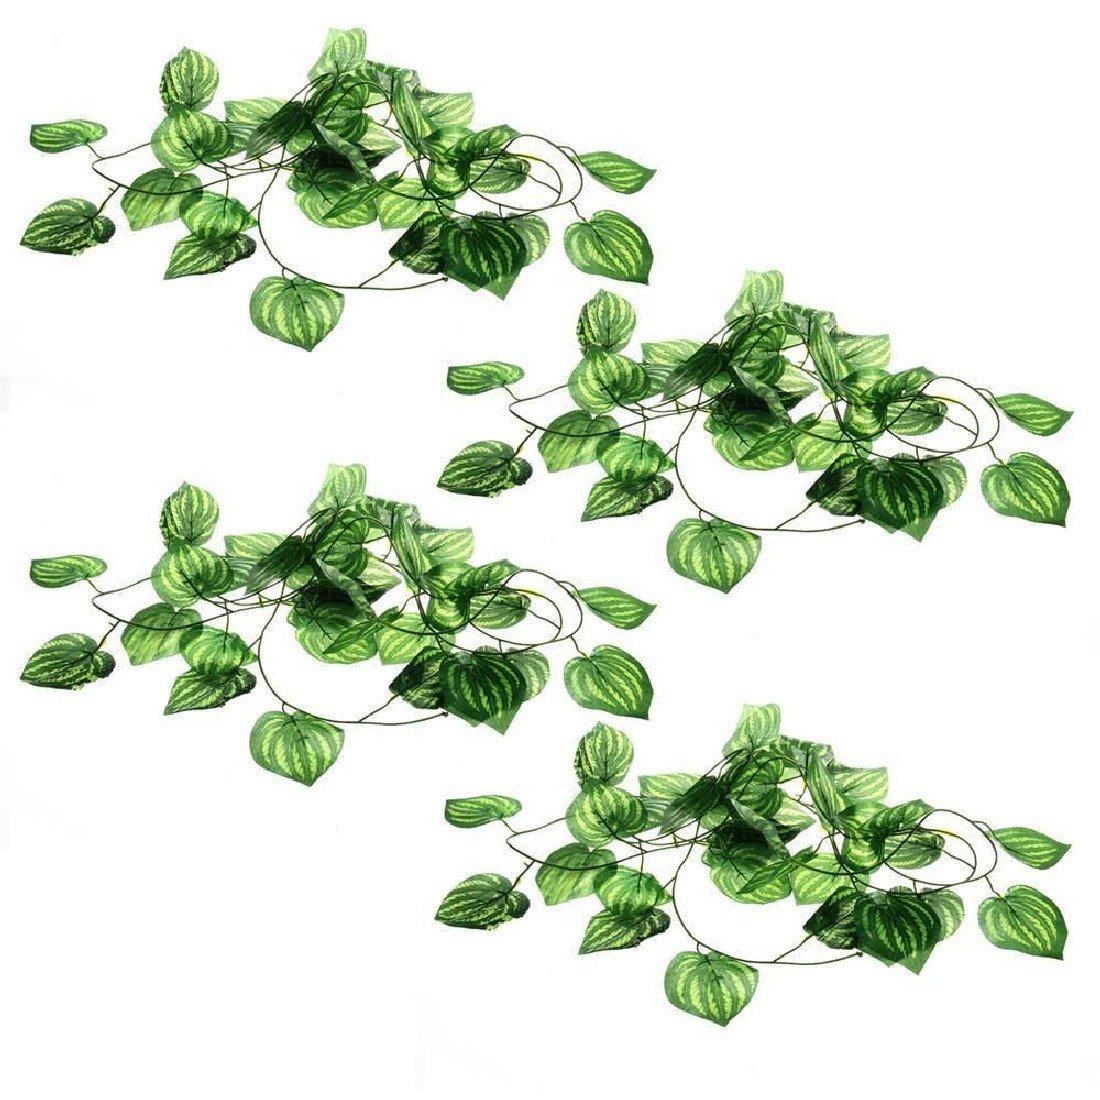 1Reptile Fruits Artificielles vigne plantes Aquarium aménagement paysager feuilles en plastique Décoration Faux ASTrade